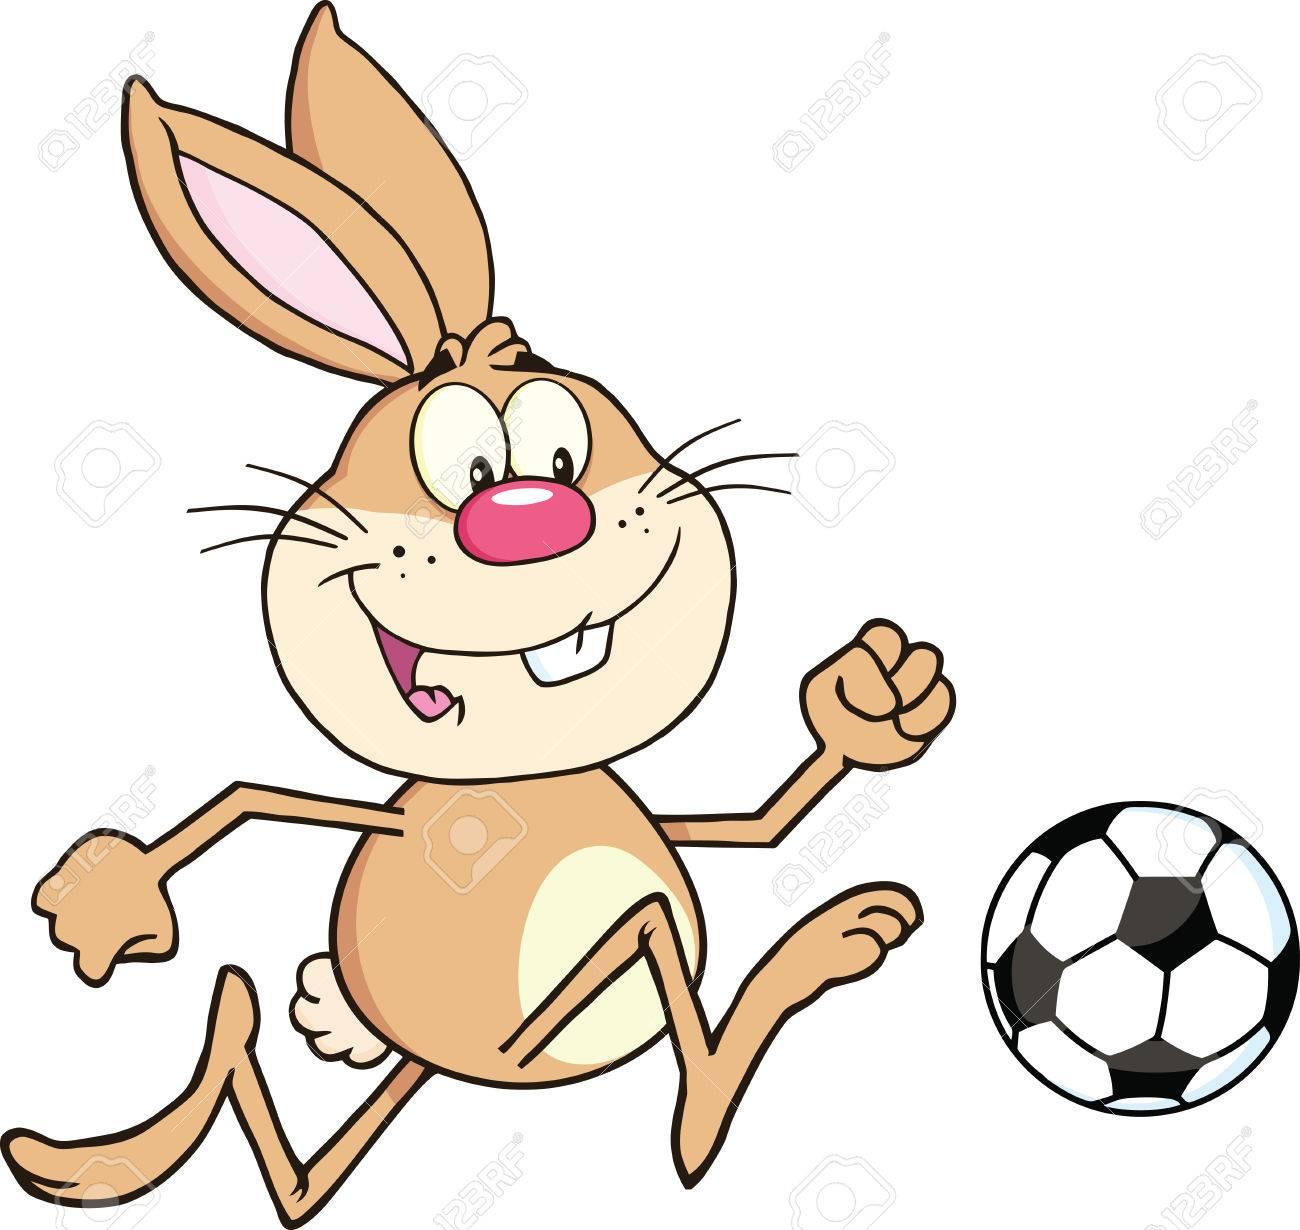 かわいいウサギ漫画文字再生でサッカー ボール イラスト分離白のイラスト